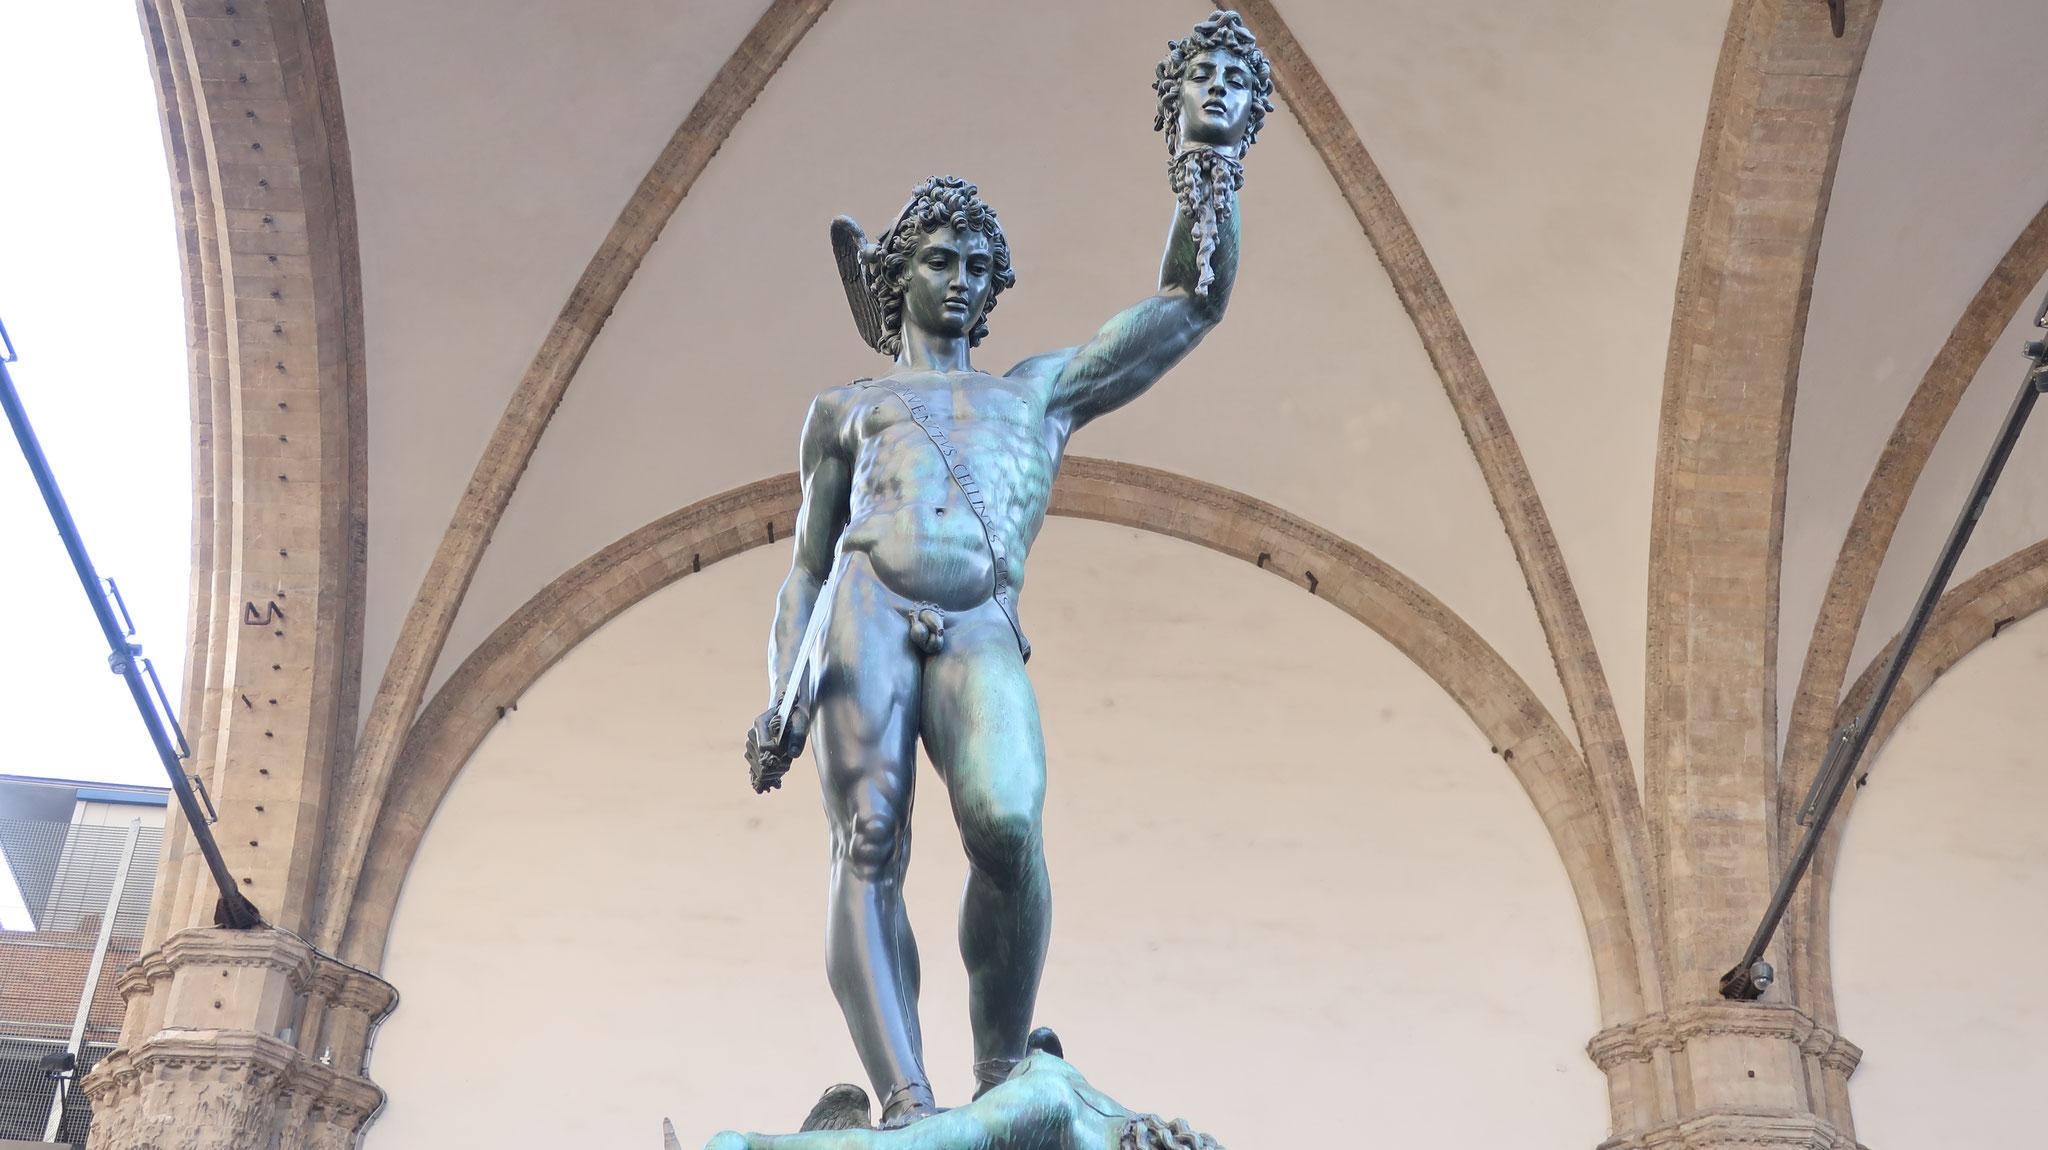 メドゥーサの首を持つペルセウス。チェリーニ 作。ペルセウスは髪の毛が蛇の怪物メドゥーサを退治しました。